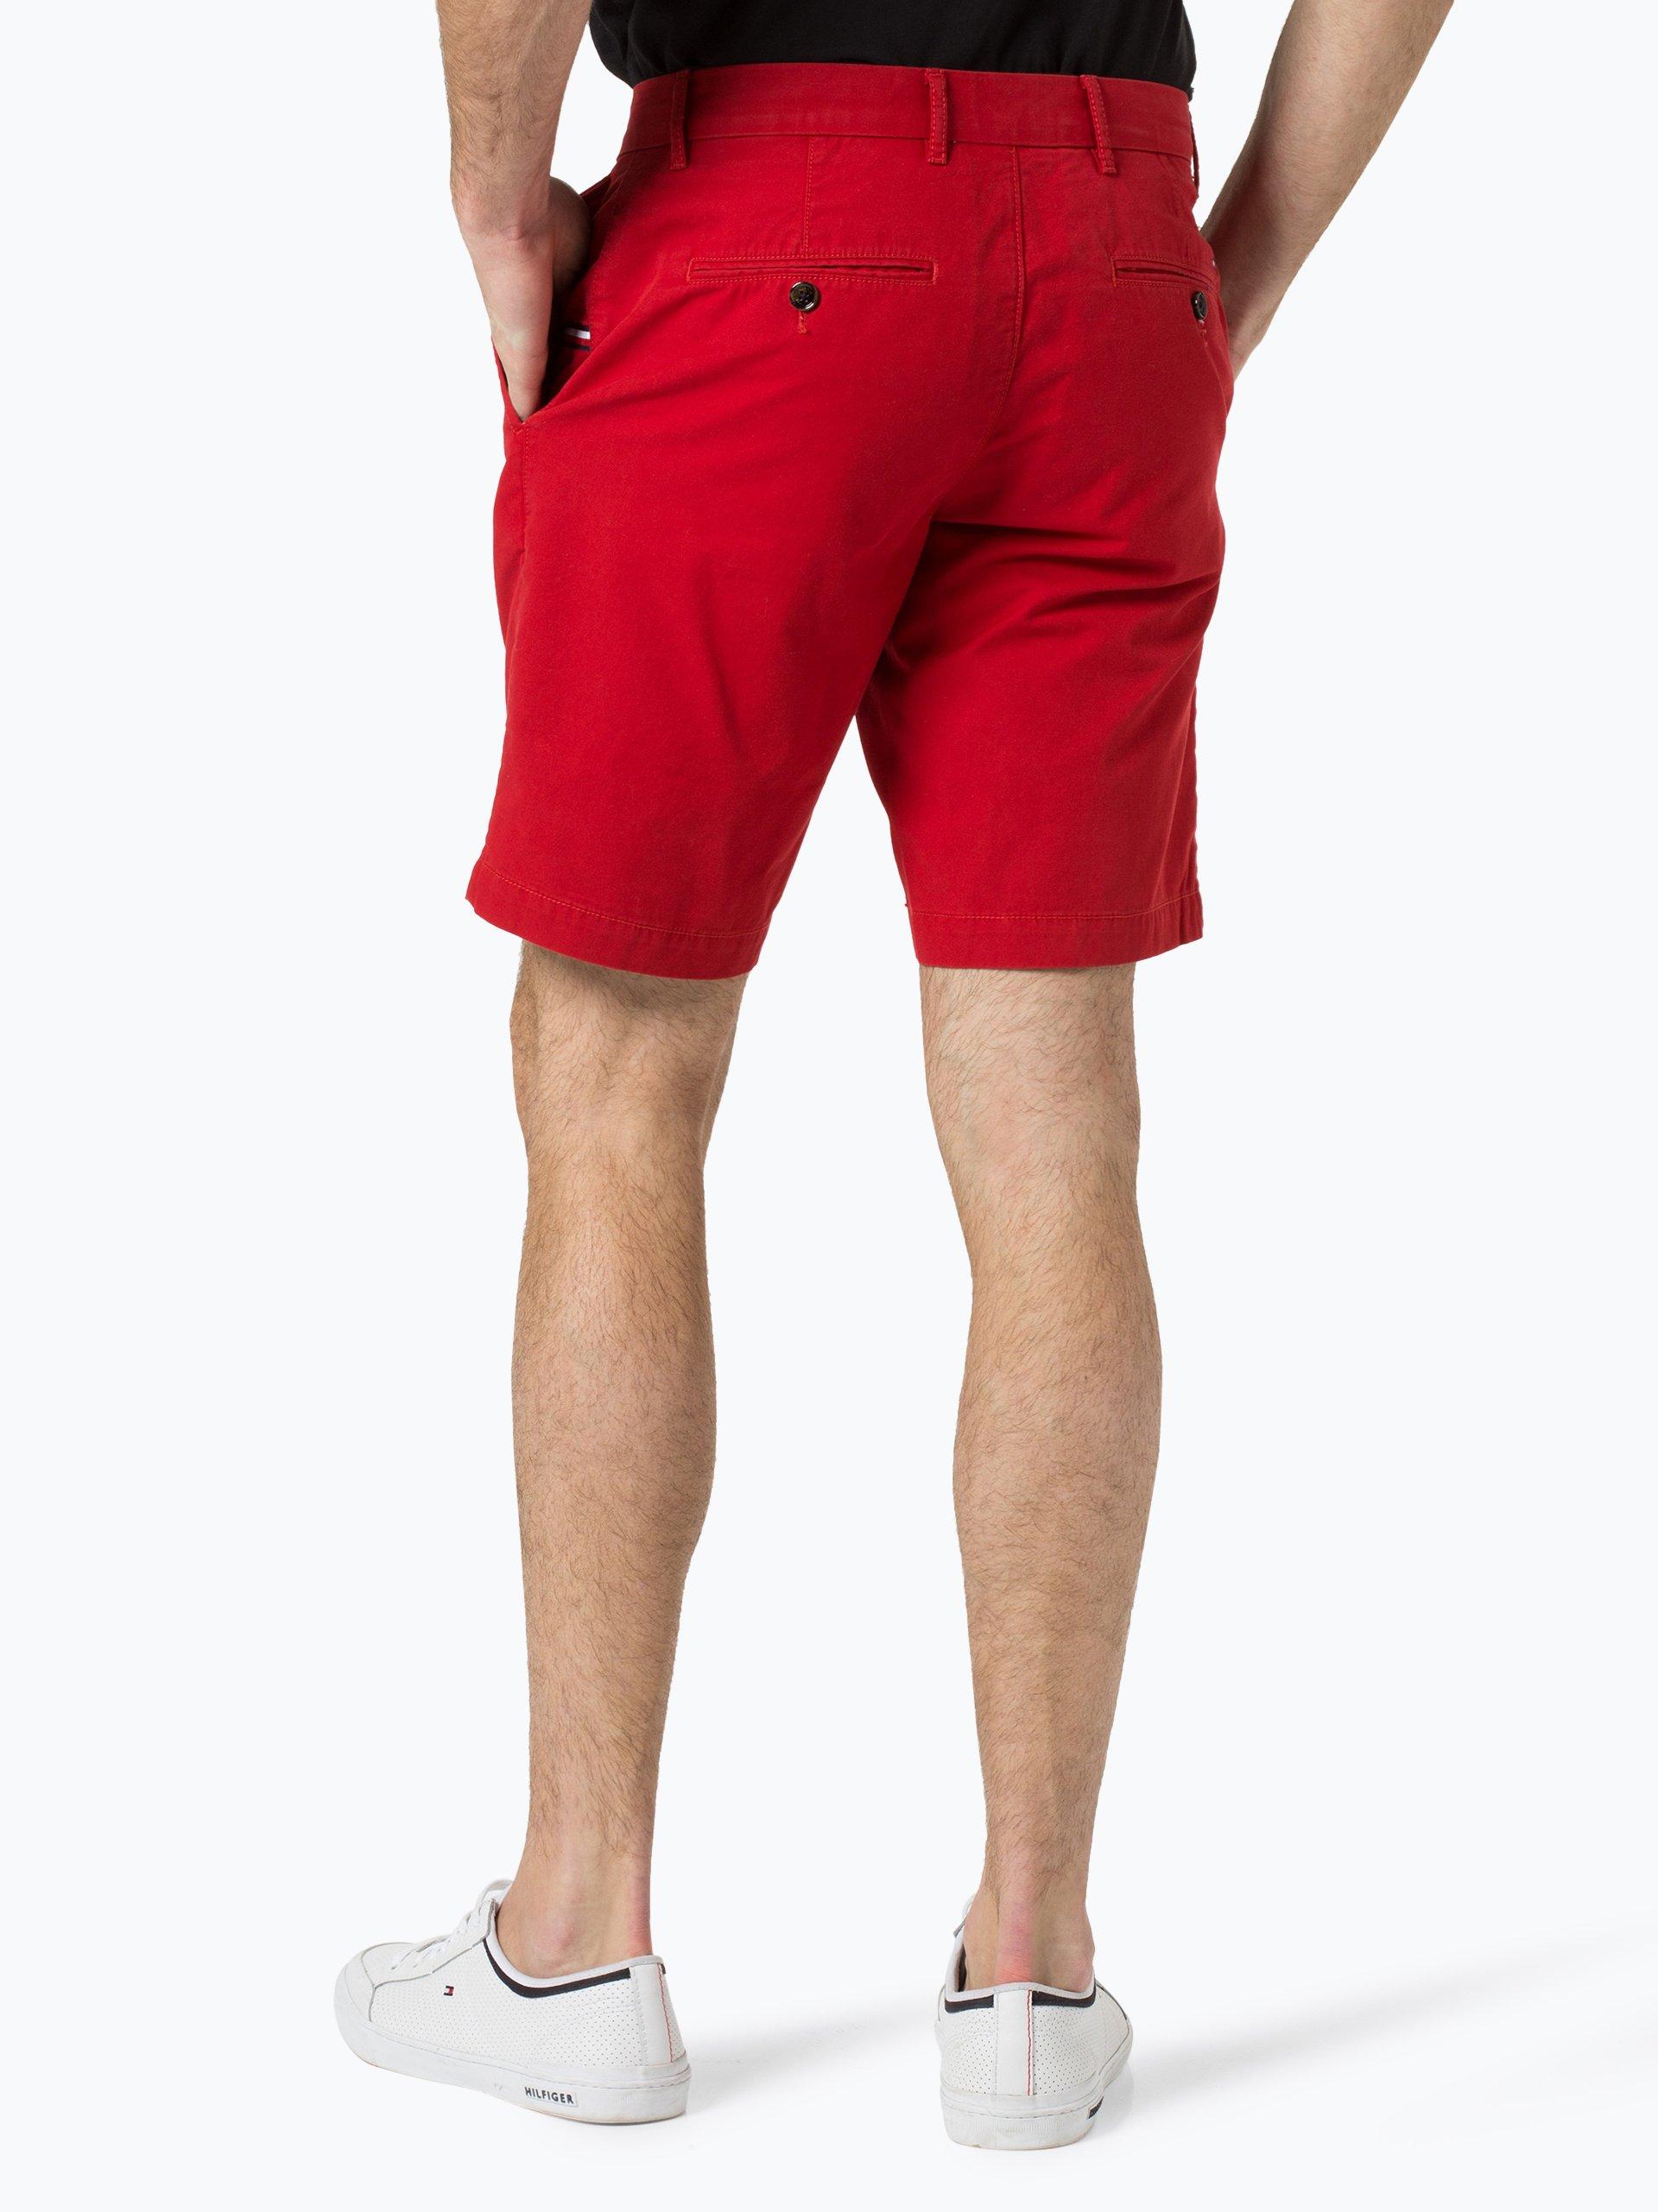 tommy hilfiger herren shorts rot uni online kaufen